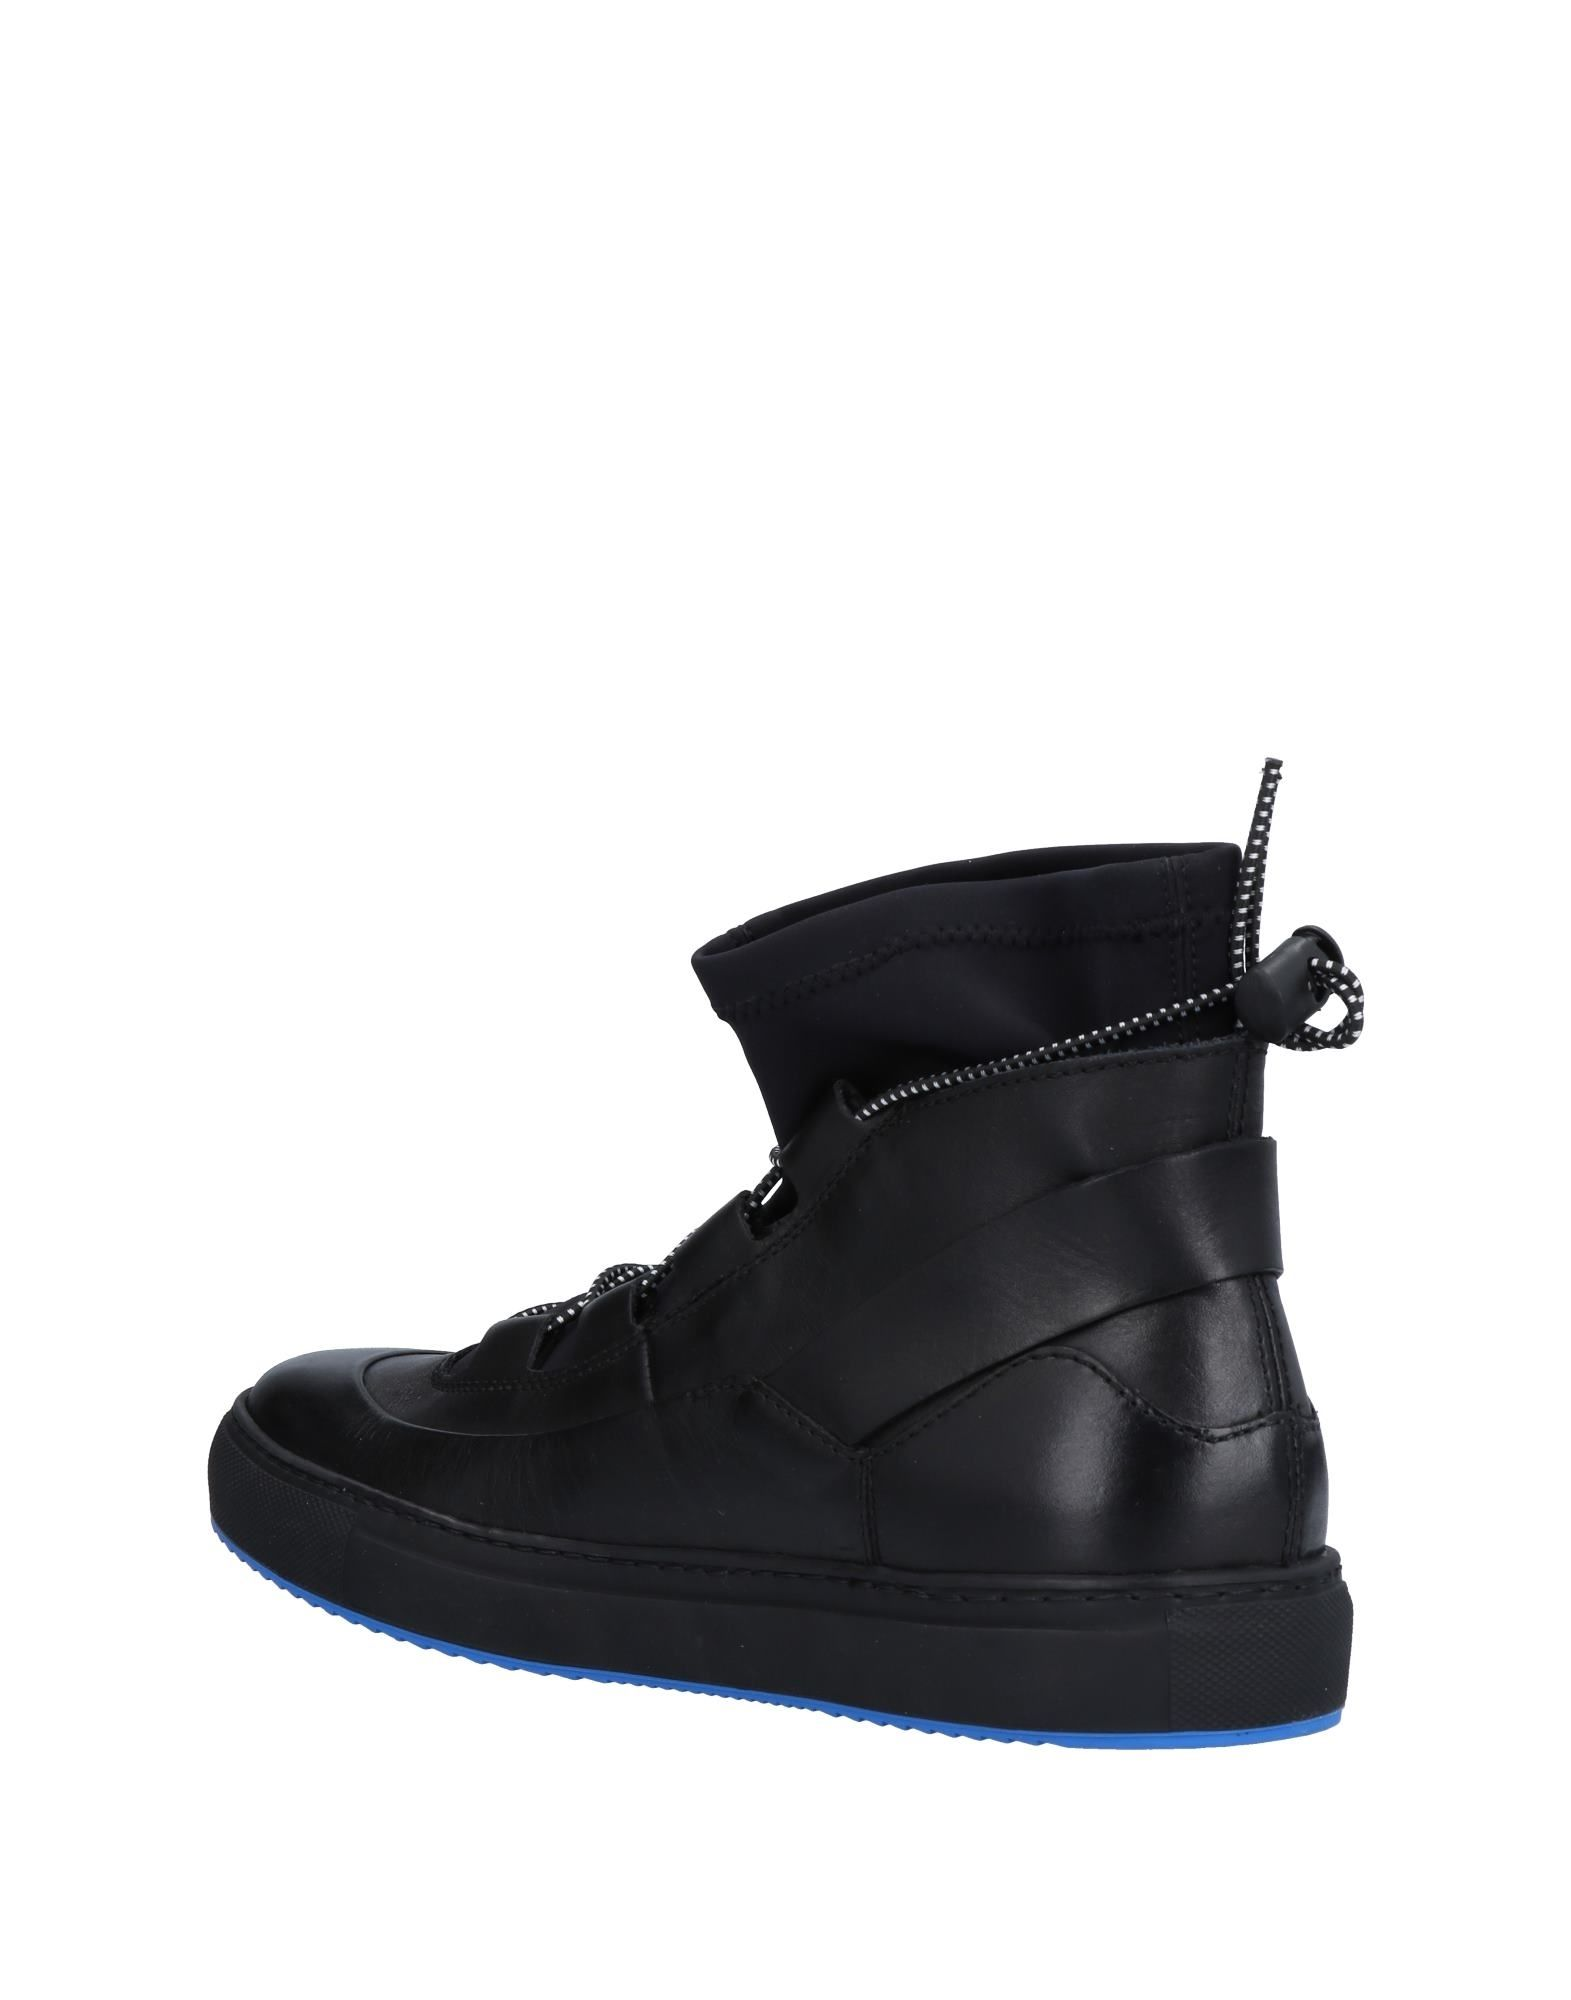 Rabatt echte Schuhe Uri Minkoff Sneakers Herren  11491683GA